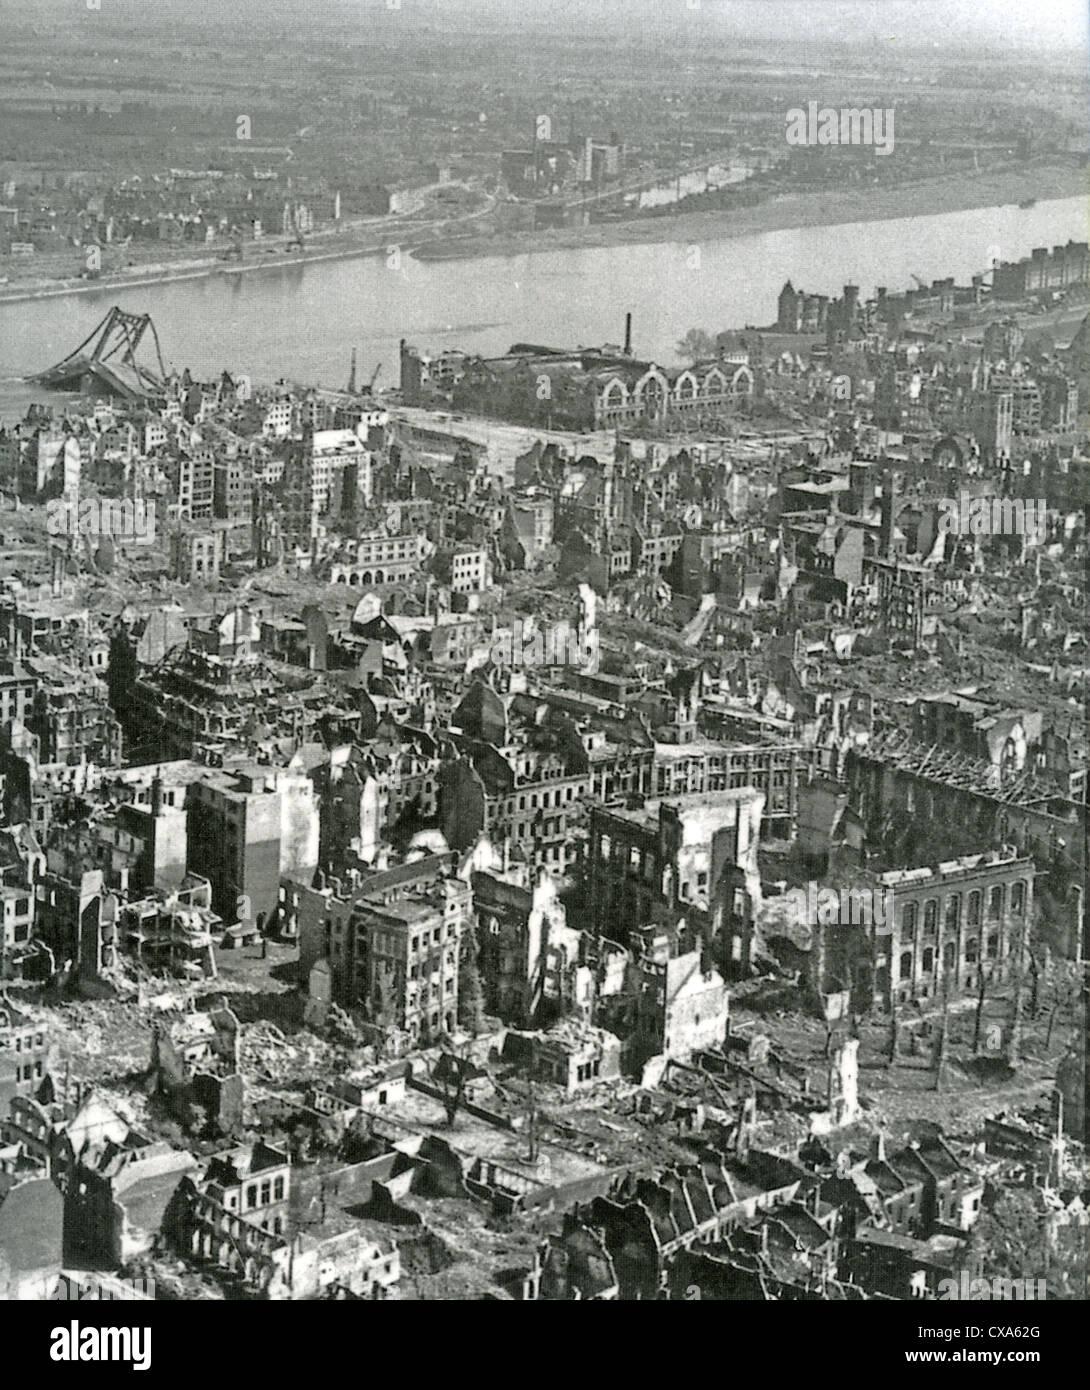 k ln deutschland 1945 zeigen der zerst rten stadt nach alliierten bombenangriffe stockfoto. Black Bedroom Furniture Sets. Home Design Ideas